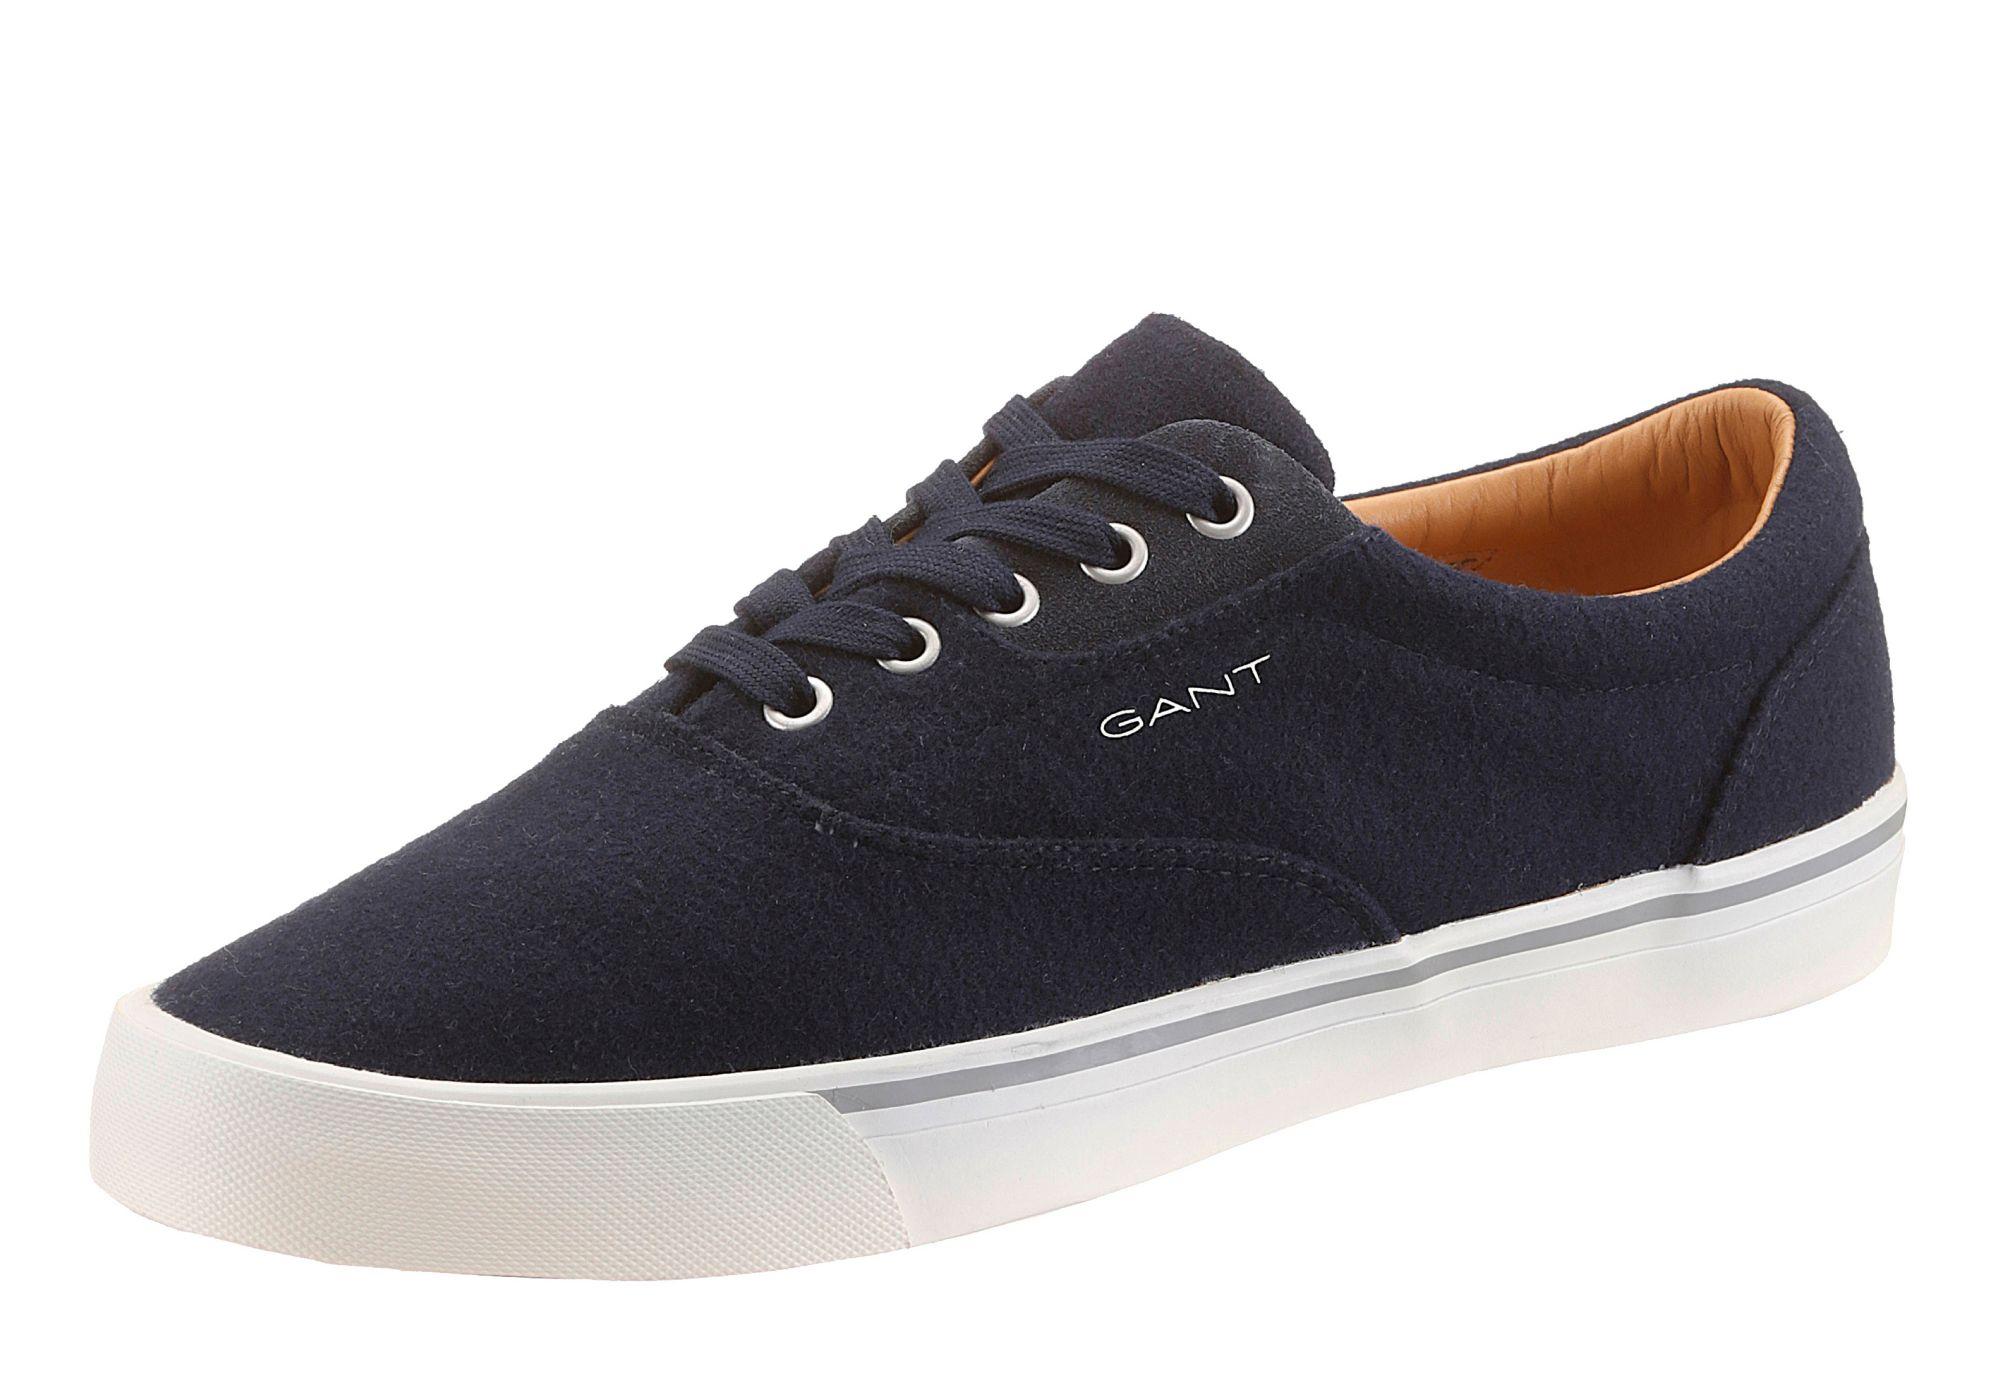 GANT FOOTWEAR GANT Sneaker